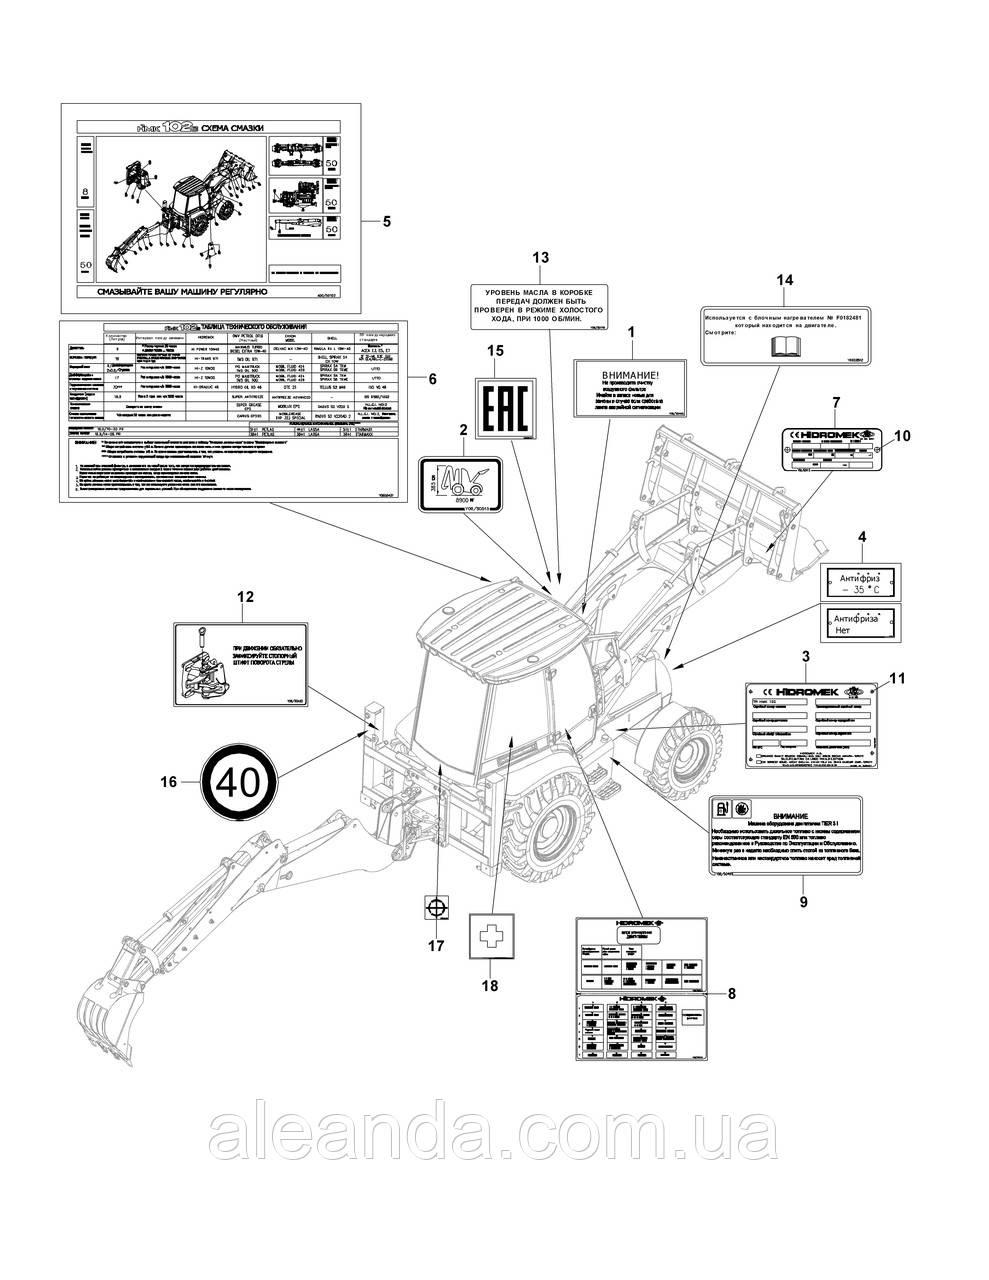 S0642932A Диск зчеплення внутрішній призначений для передачі крутного моменту на осі коліс виконаний у вигляді сталевої шайби з нанесеним з двох